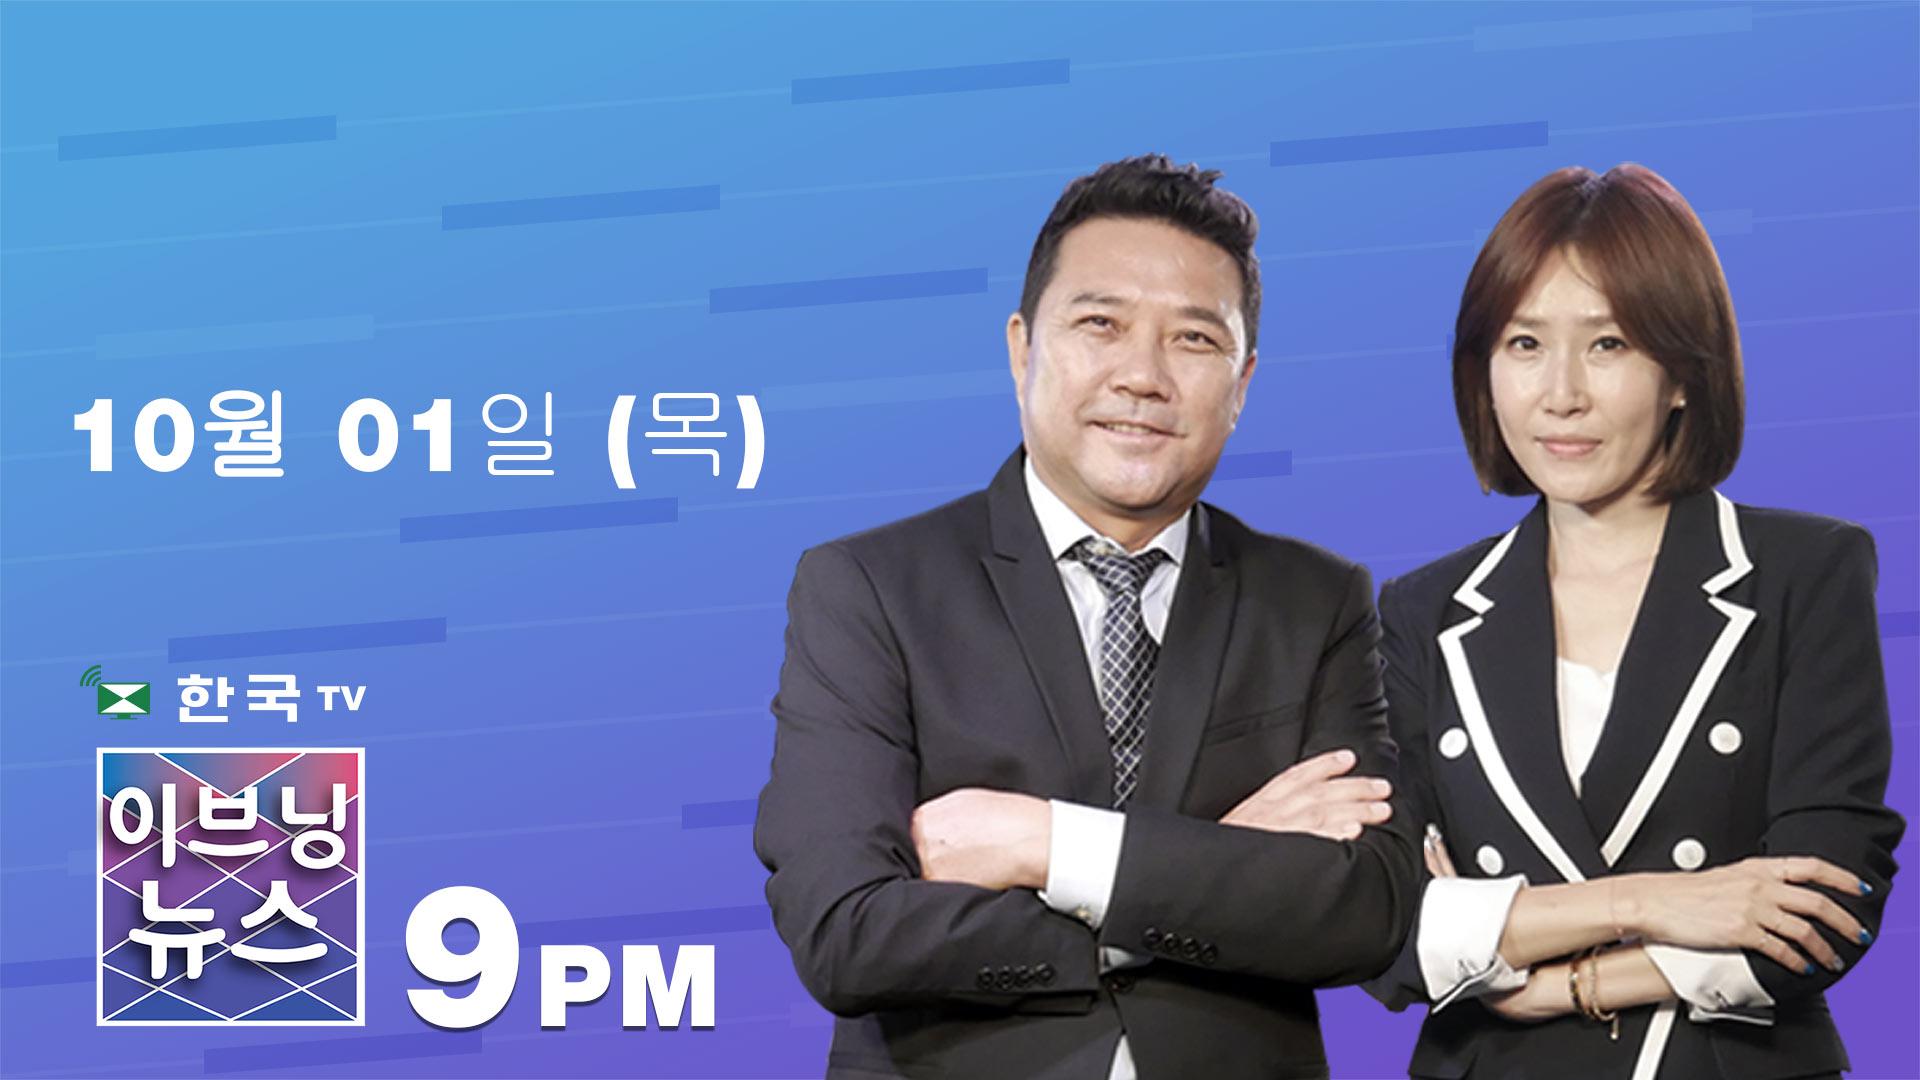 (10.01.2020) 한국TV 이브닝 뉴스